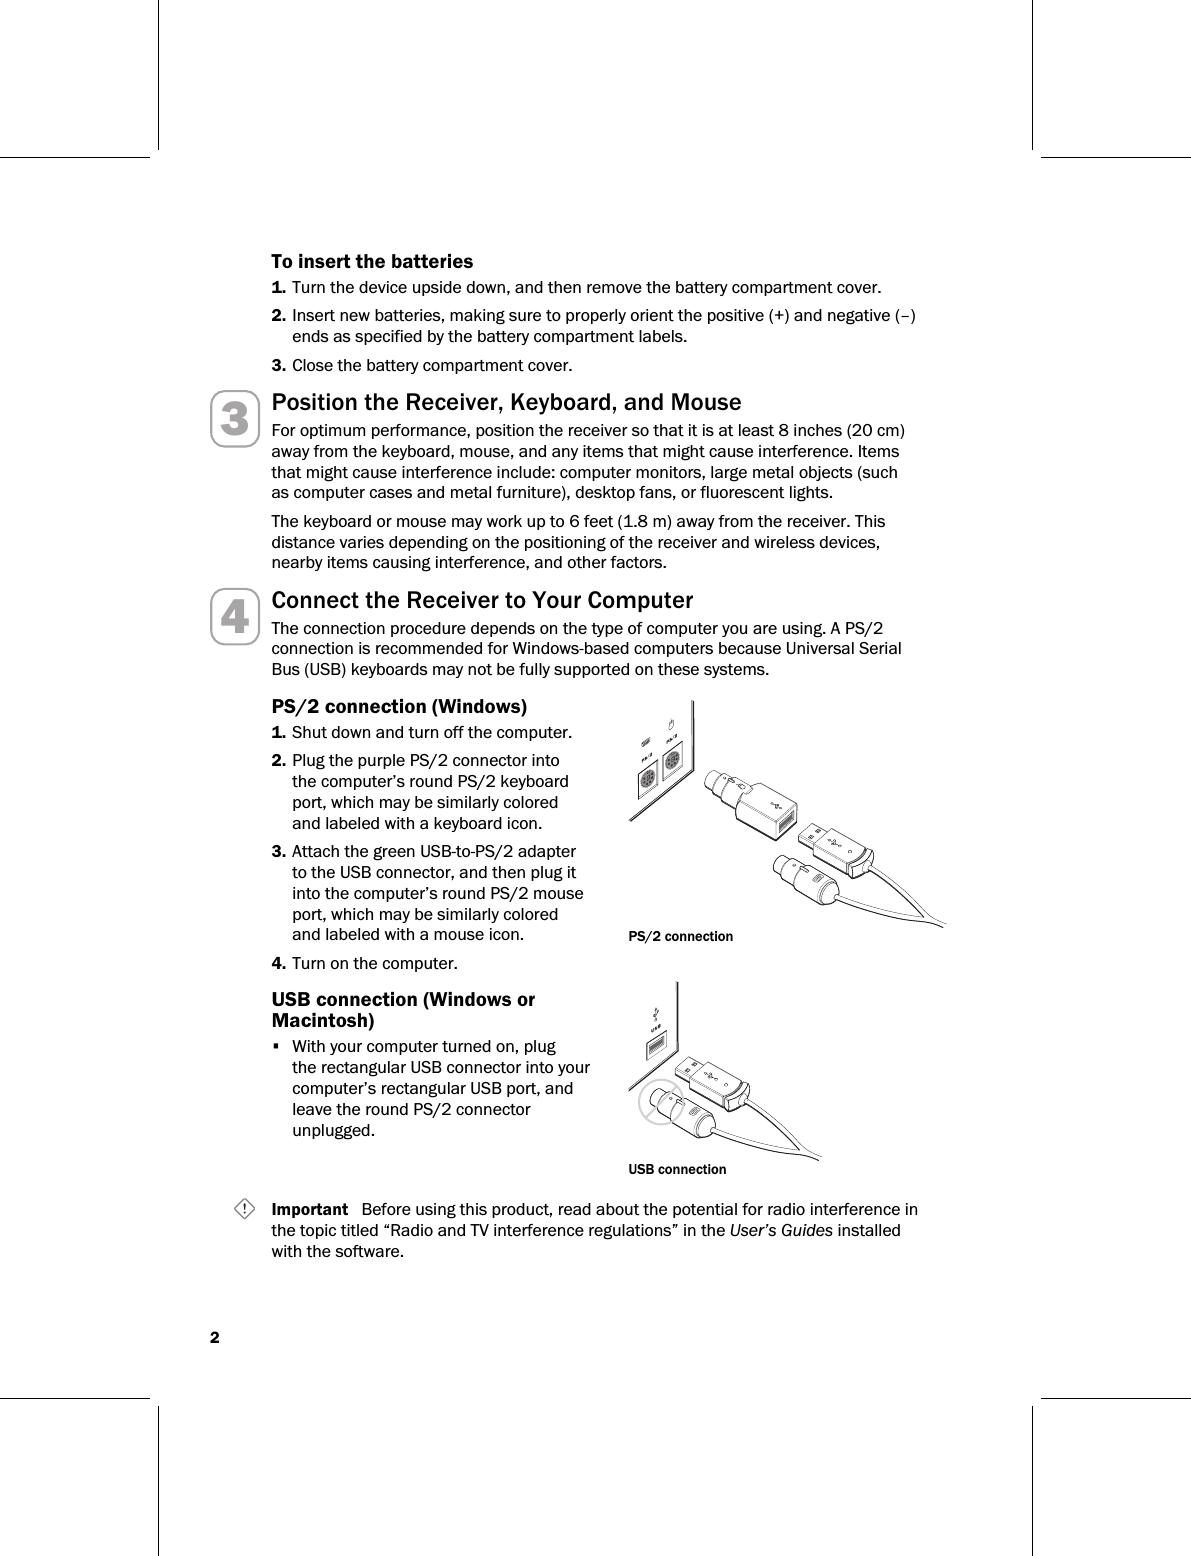 microsoft wireless desktop elite keyboard model 1011 manual